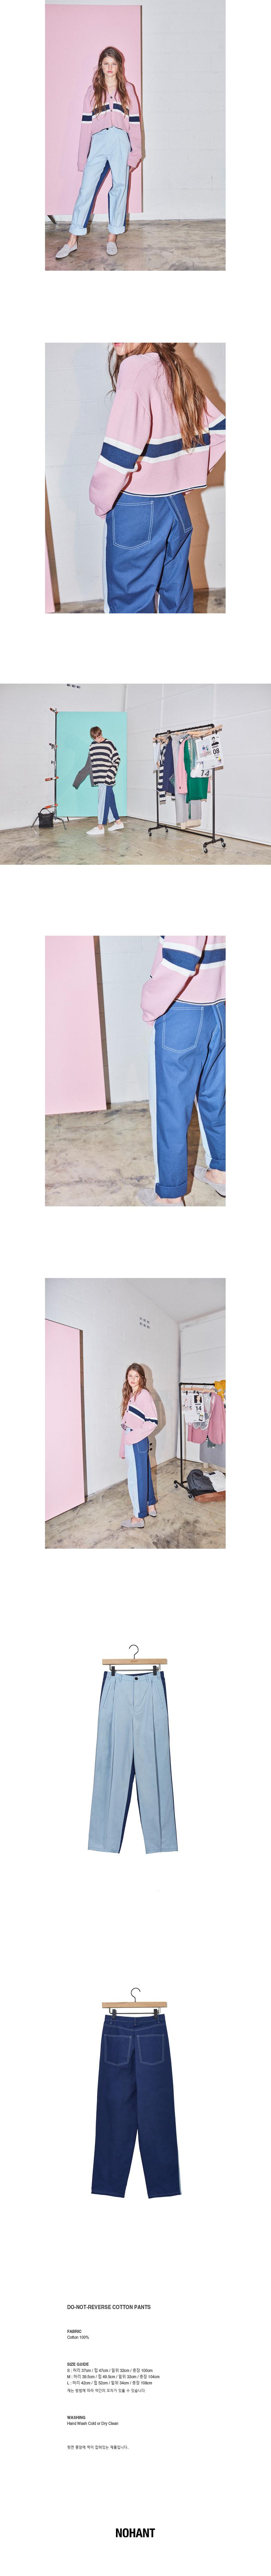 노앙(NOHANT) DO-NOT-REVERSE COTTON PANTS SKY BLUE